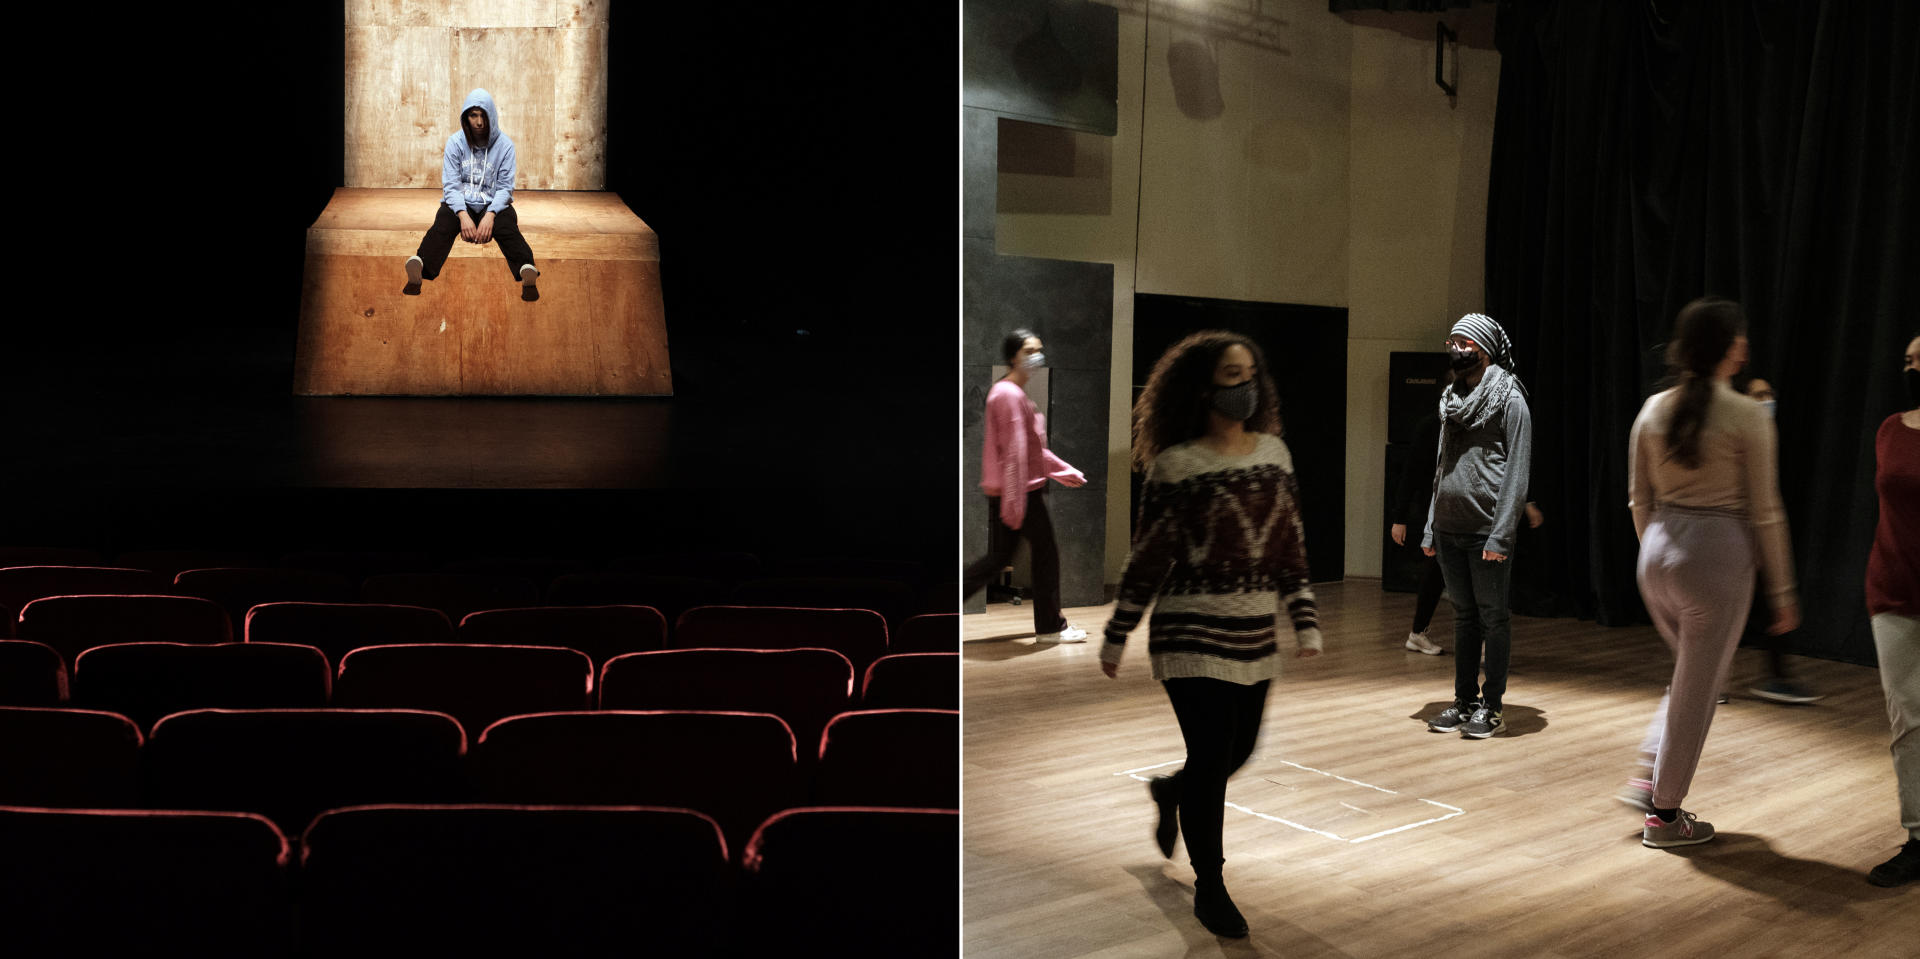 Amel Laouini, danseuse et chorégraphe, en répétition pour la pièce «Couleur pourpre», de Nawfel Azara, qui traite de la migration clandestine chez de jeunes tunisiens.Tunis, le 13 janvier 2021.